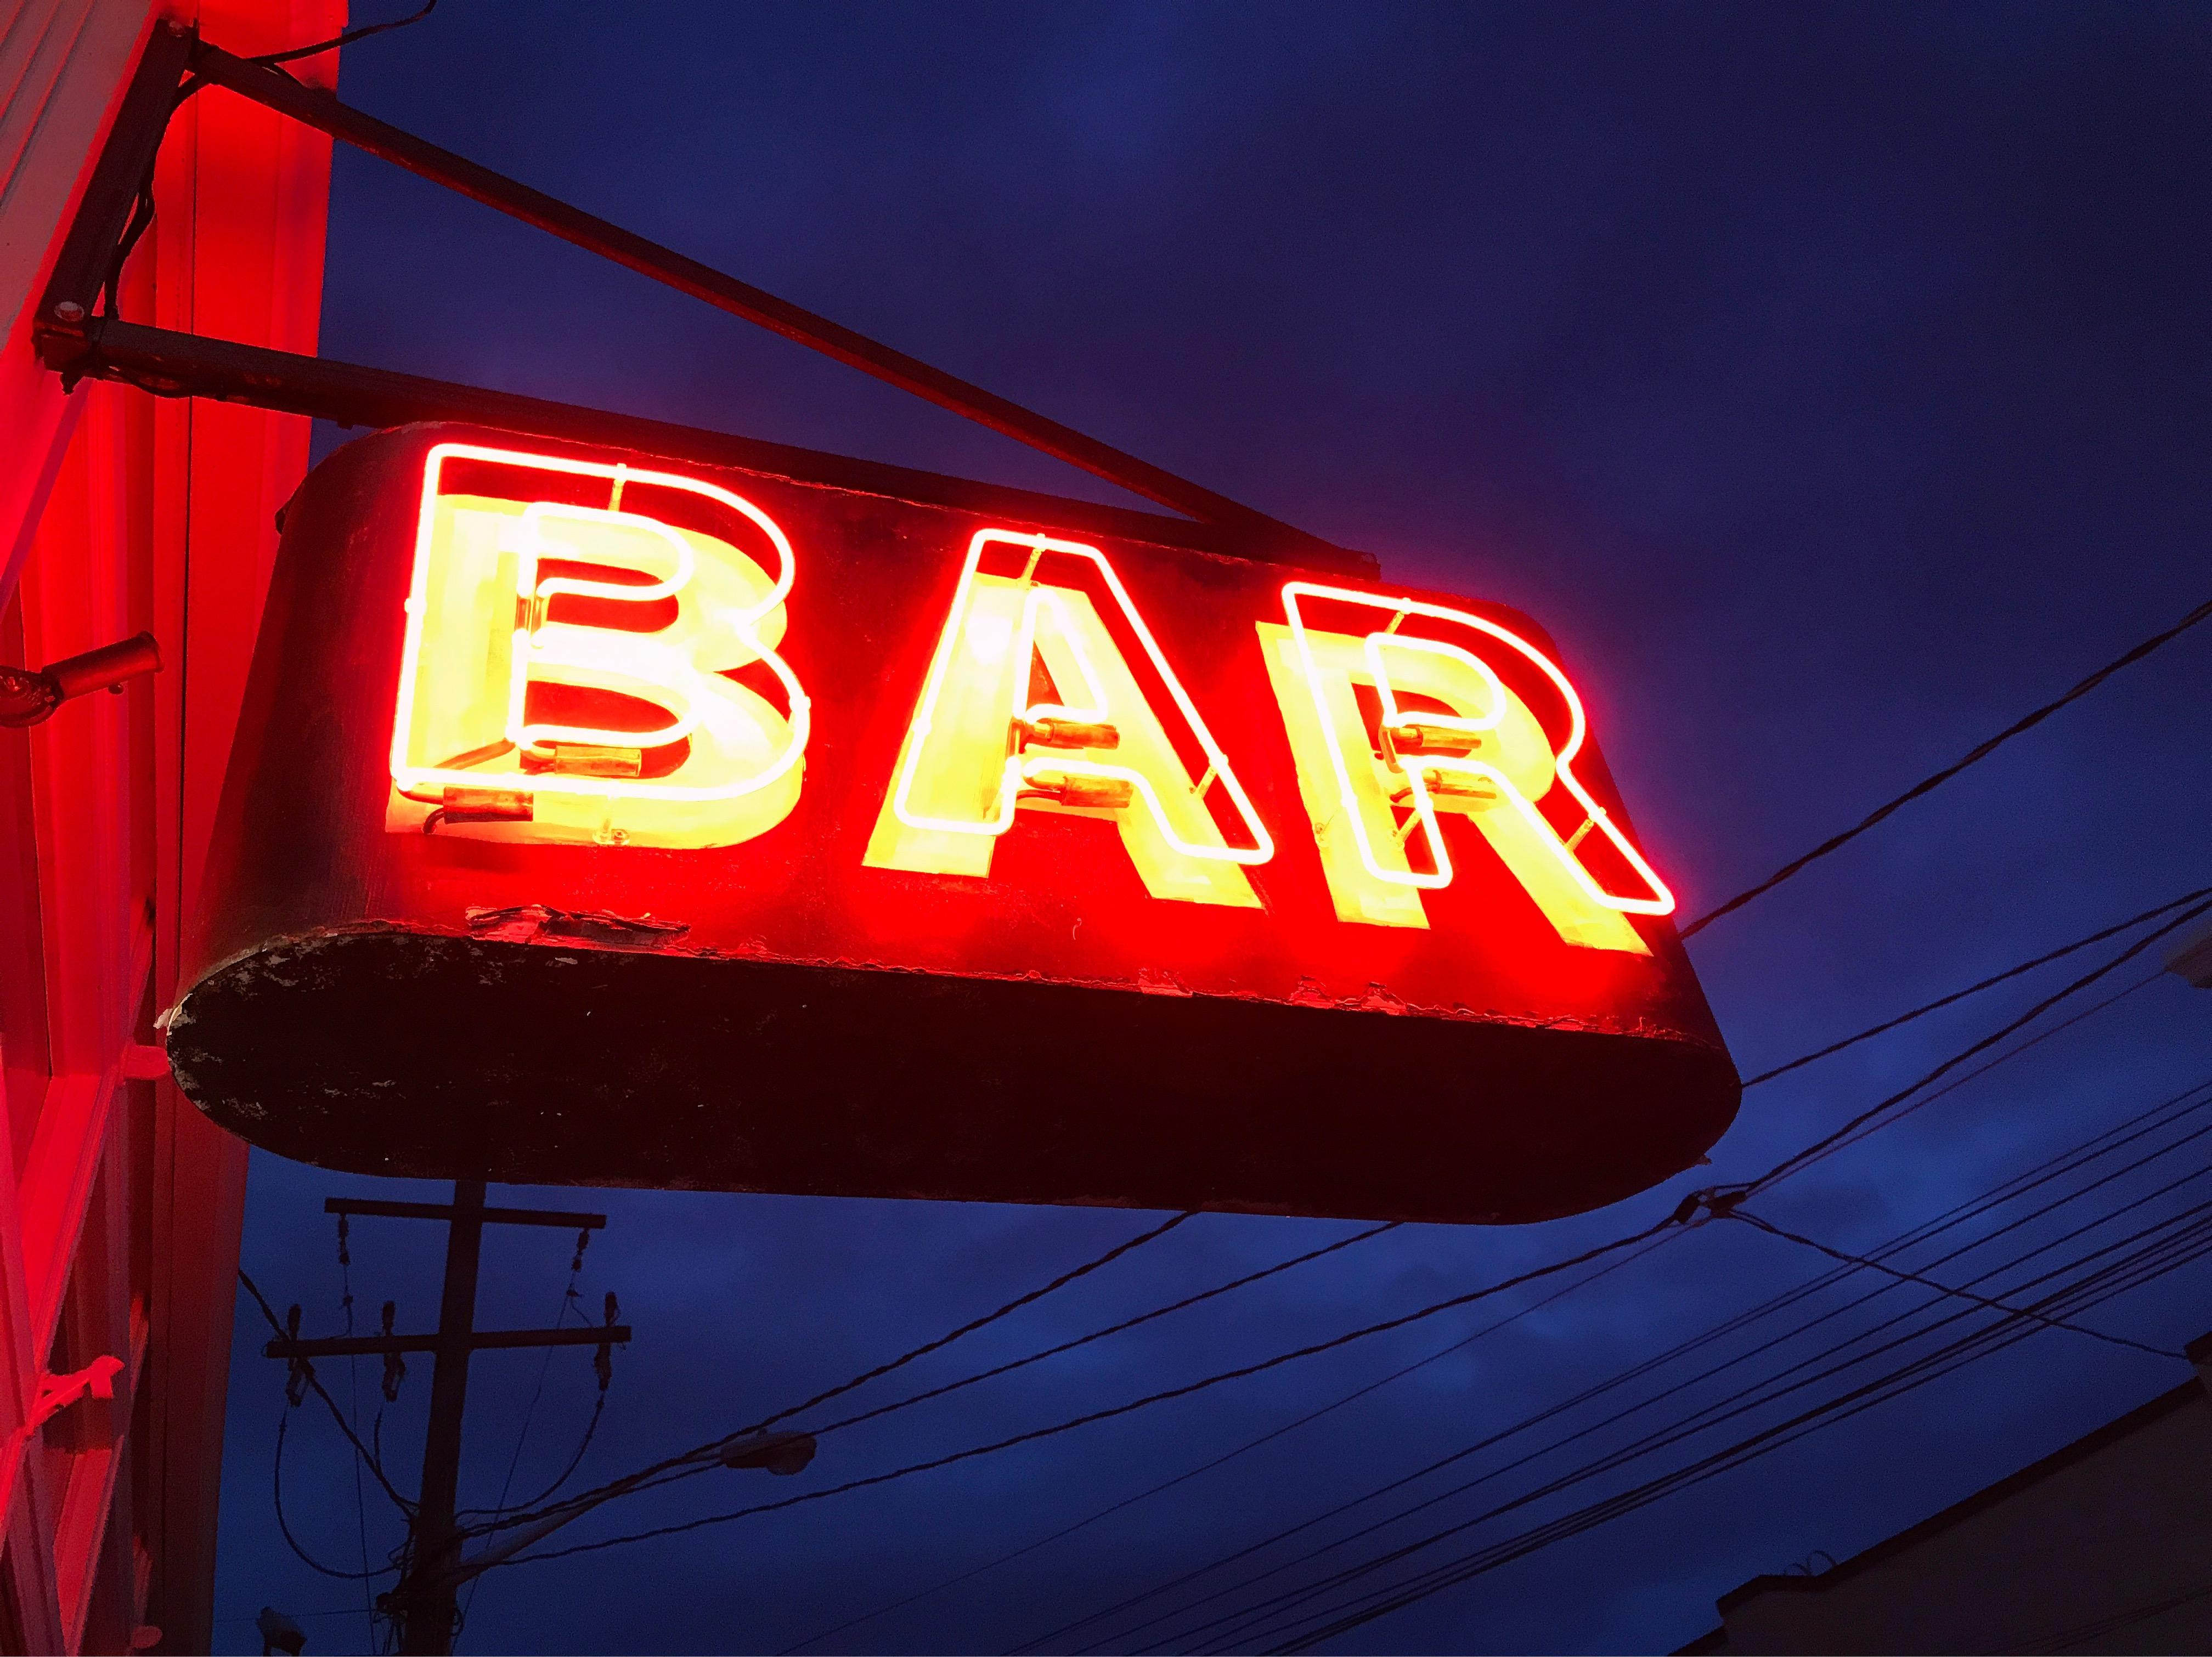 KS Ray's Bar